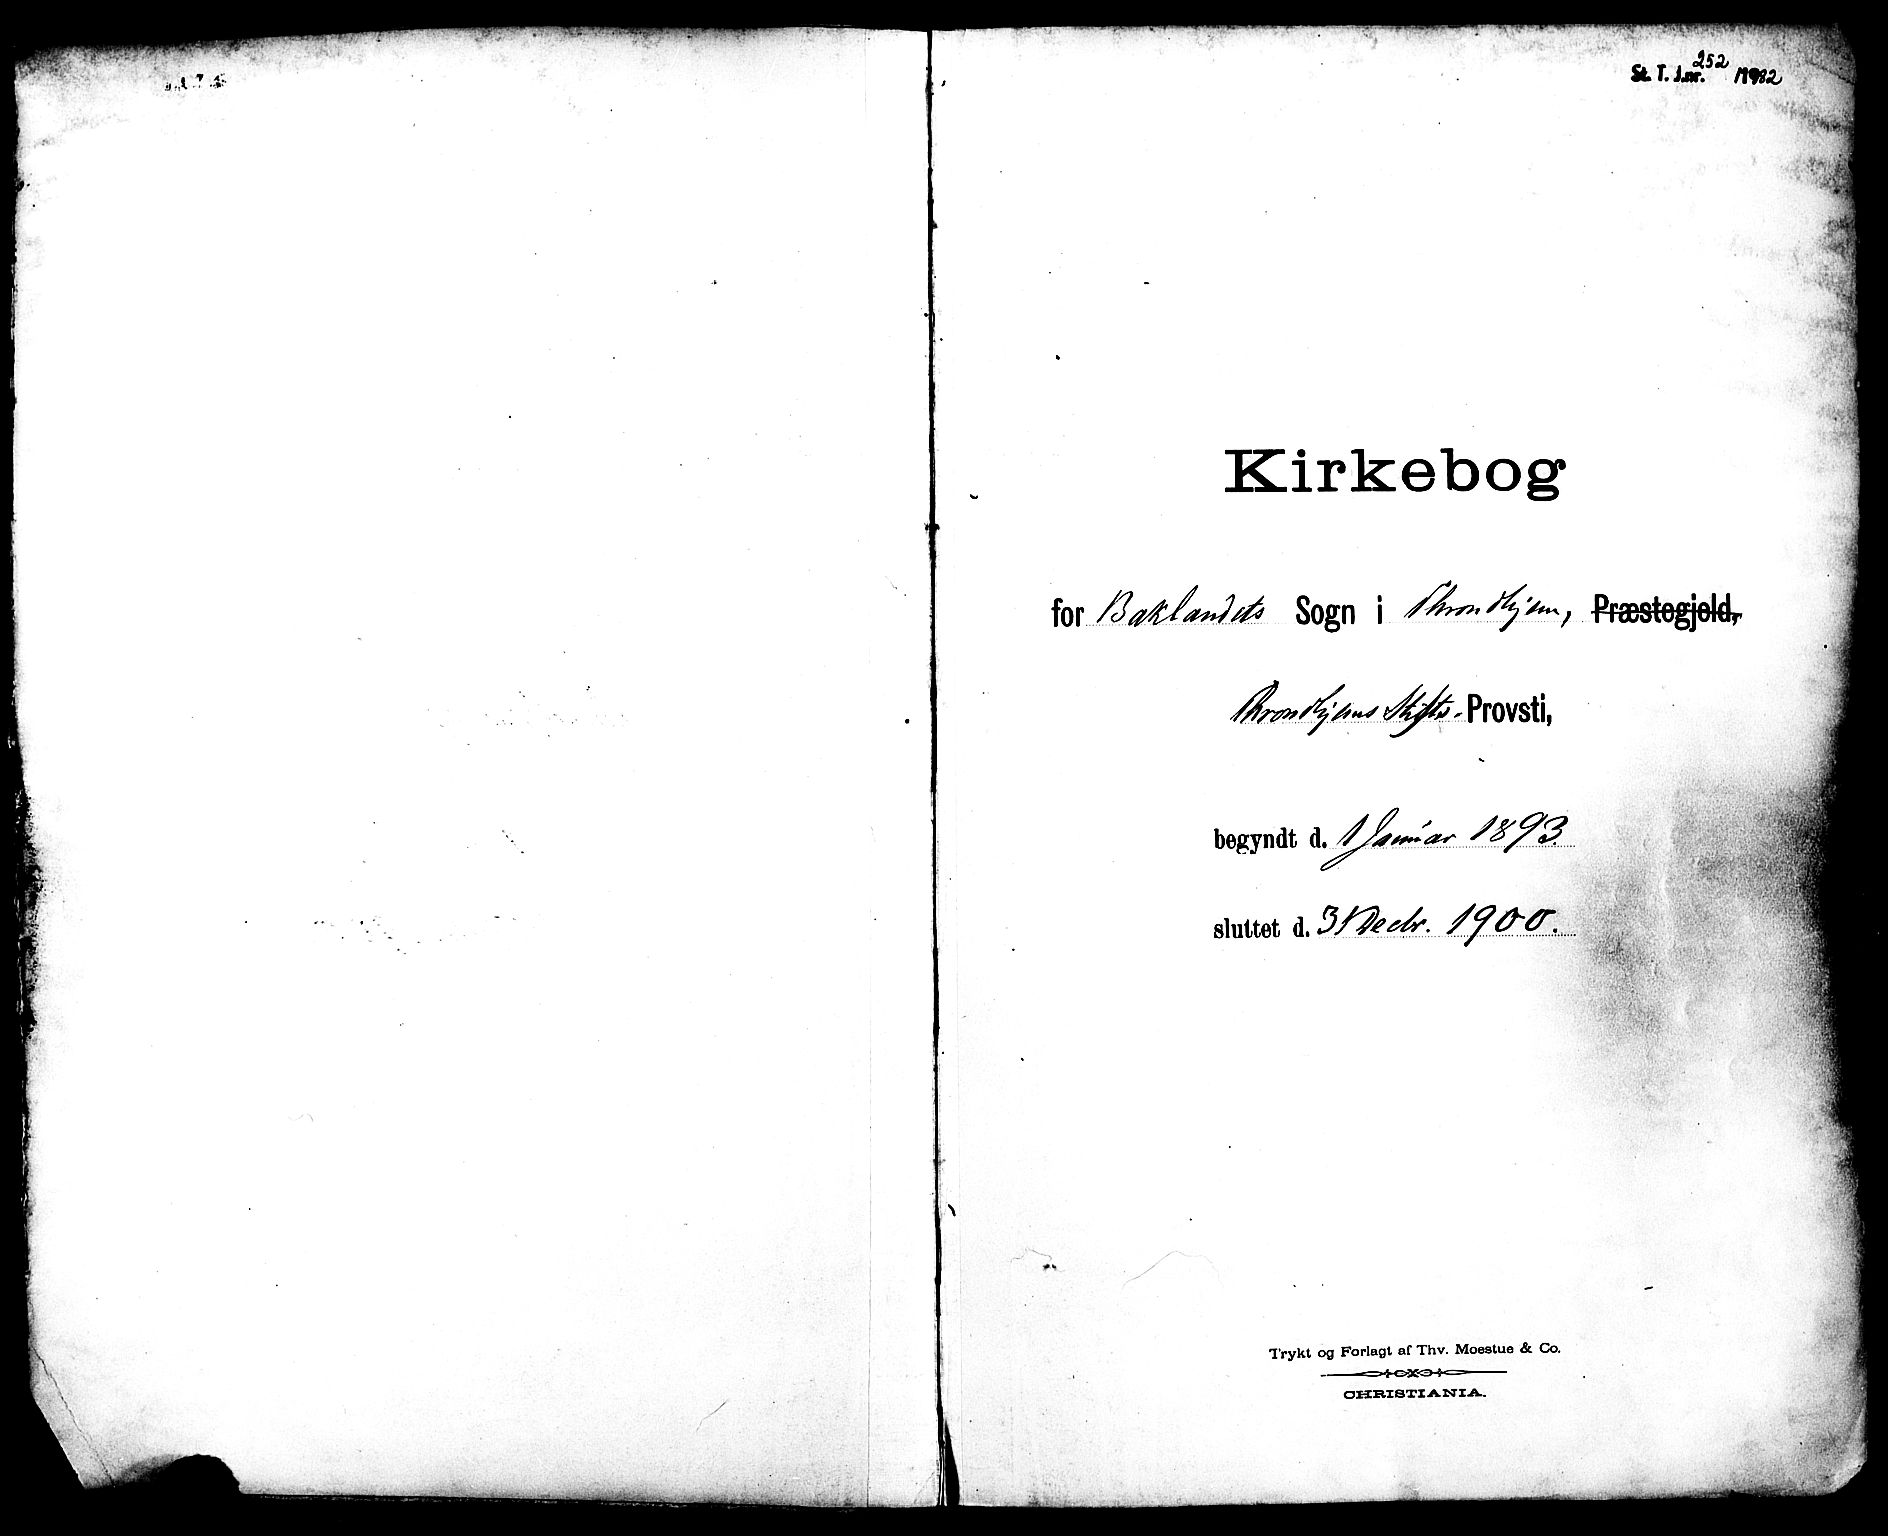 SAT, Ministerialprotokoller, klokkerbøker og fødselsregistre - Sør-Trøndelag, 604/L0198: Ministerialbok nr. 604A19, 1893-1900